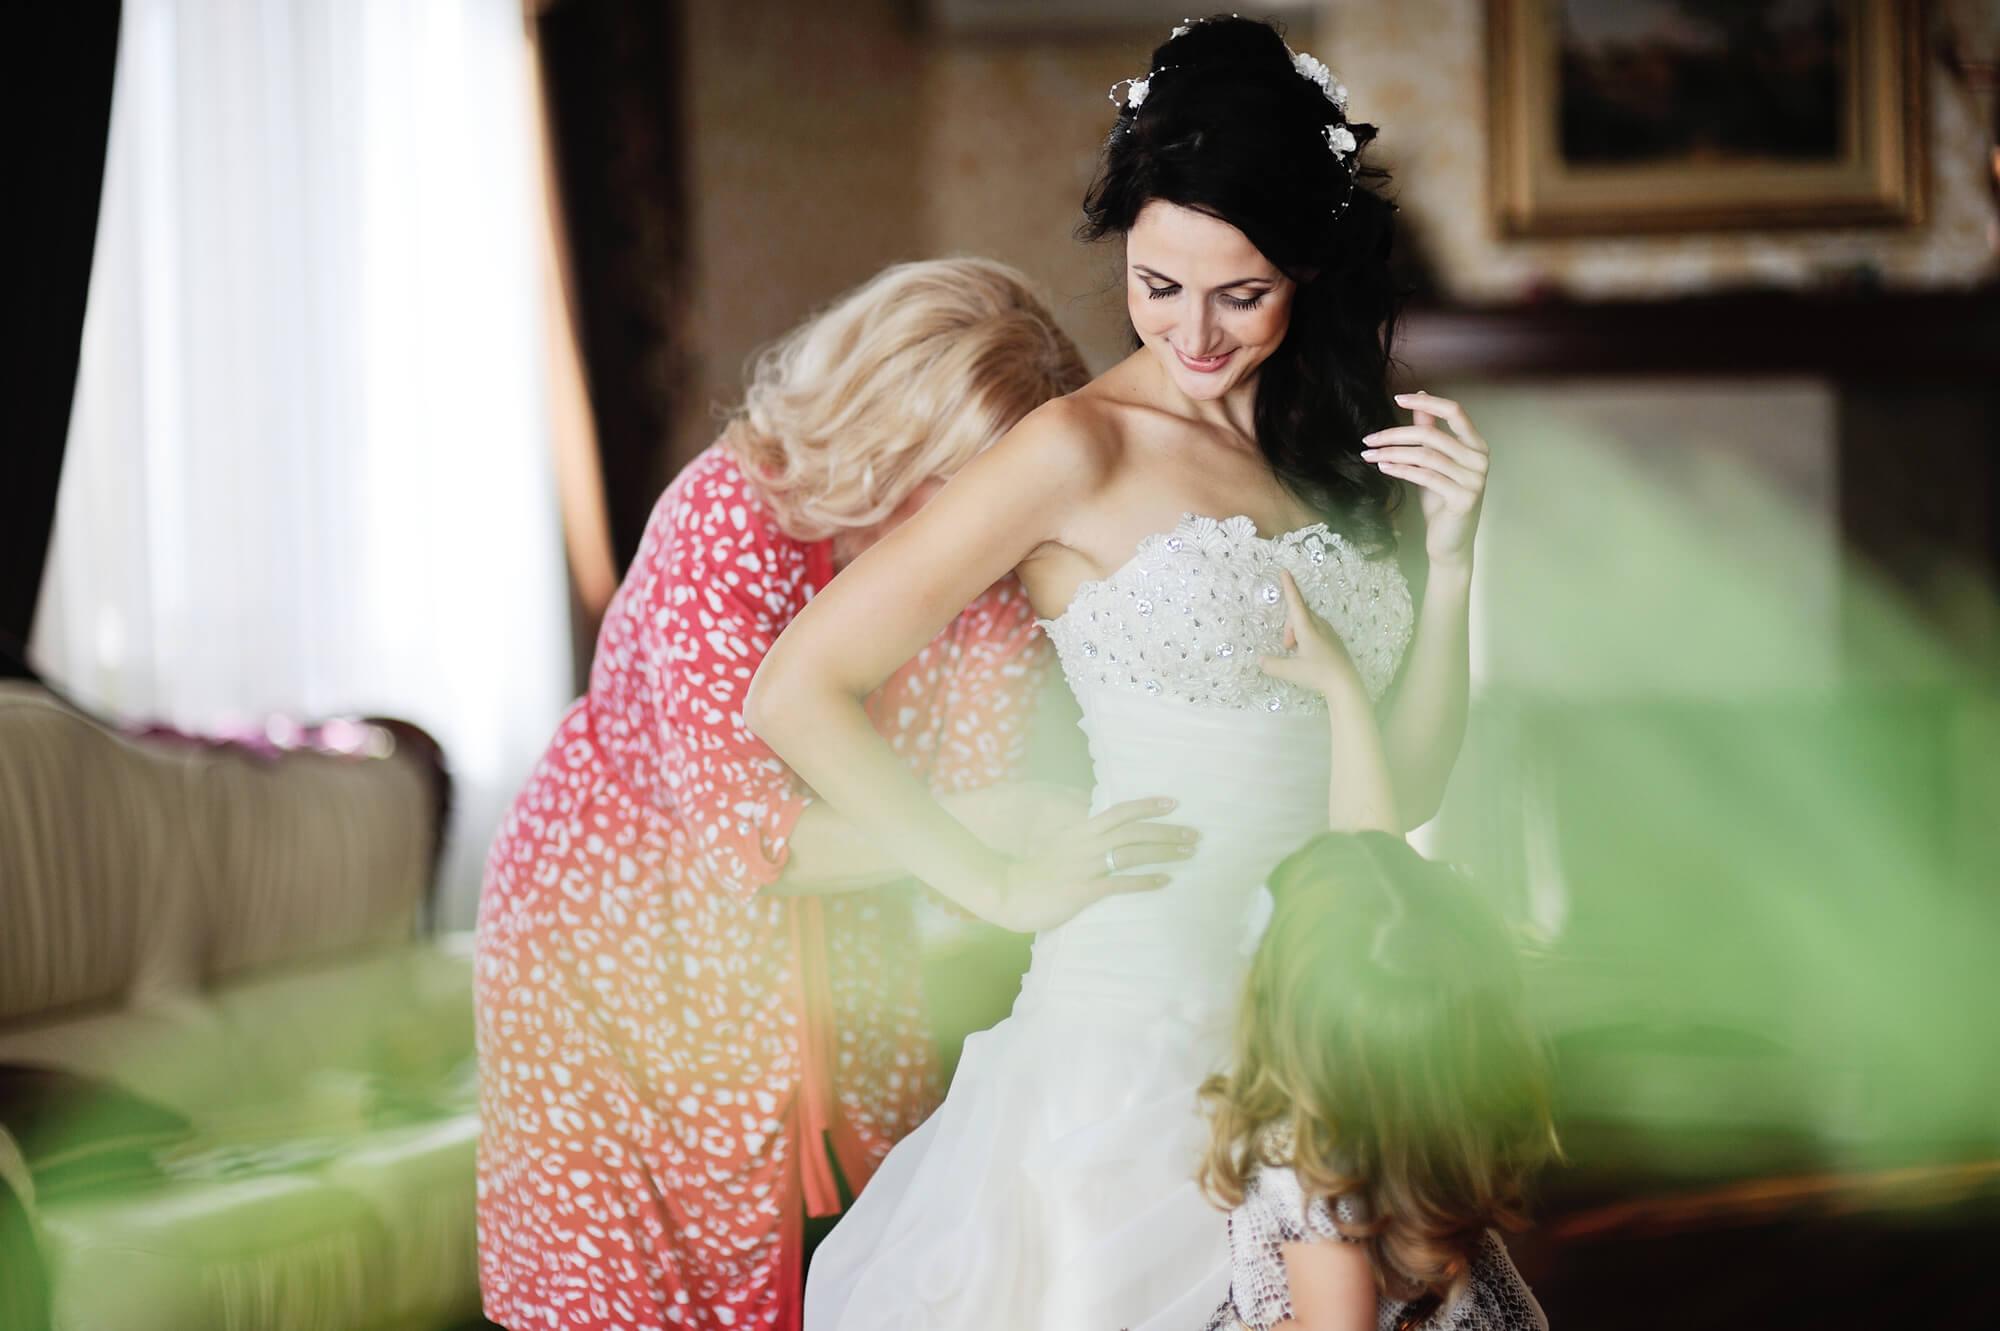 Pré wedding: 4 dicas para fazer um ensaio dos sonhos